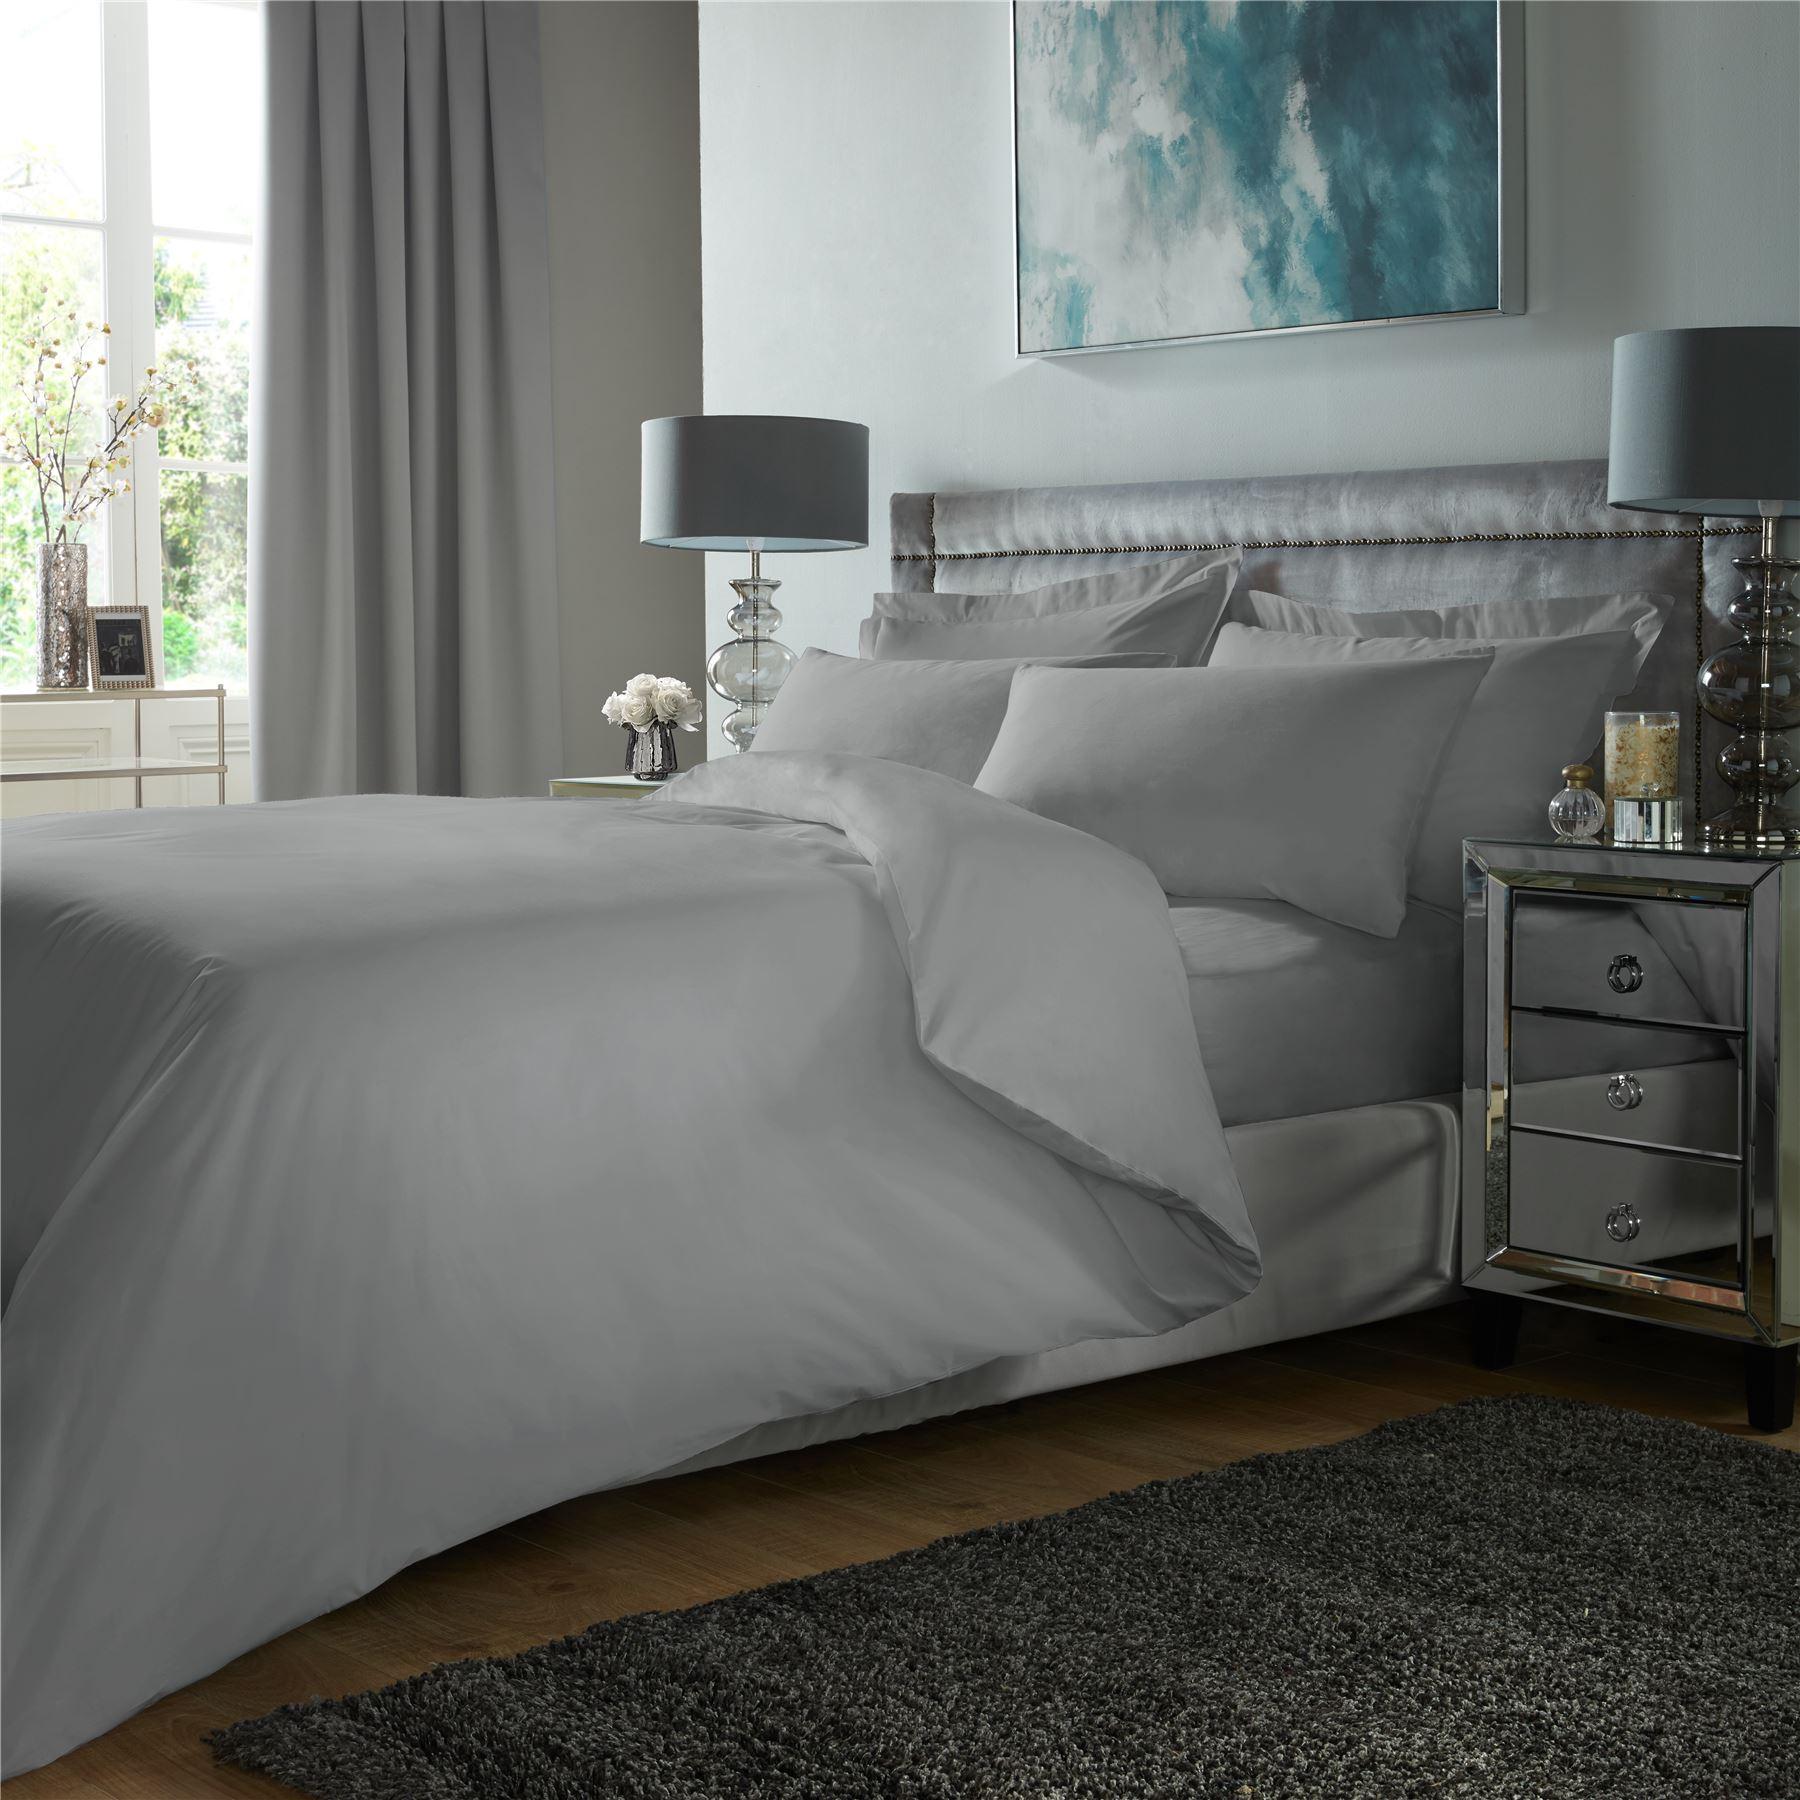 De-Lujo-400TC-conjunto-de-funda-de-edredon-100-Algodon-Egipcio-ropa-de-cama-funda-de-almohada-tenida miniatura 12